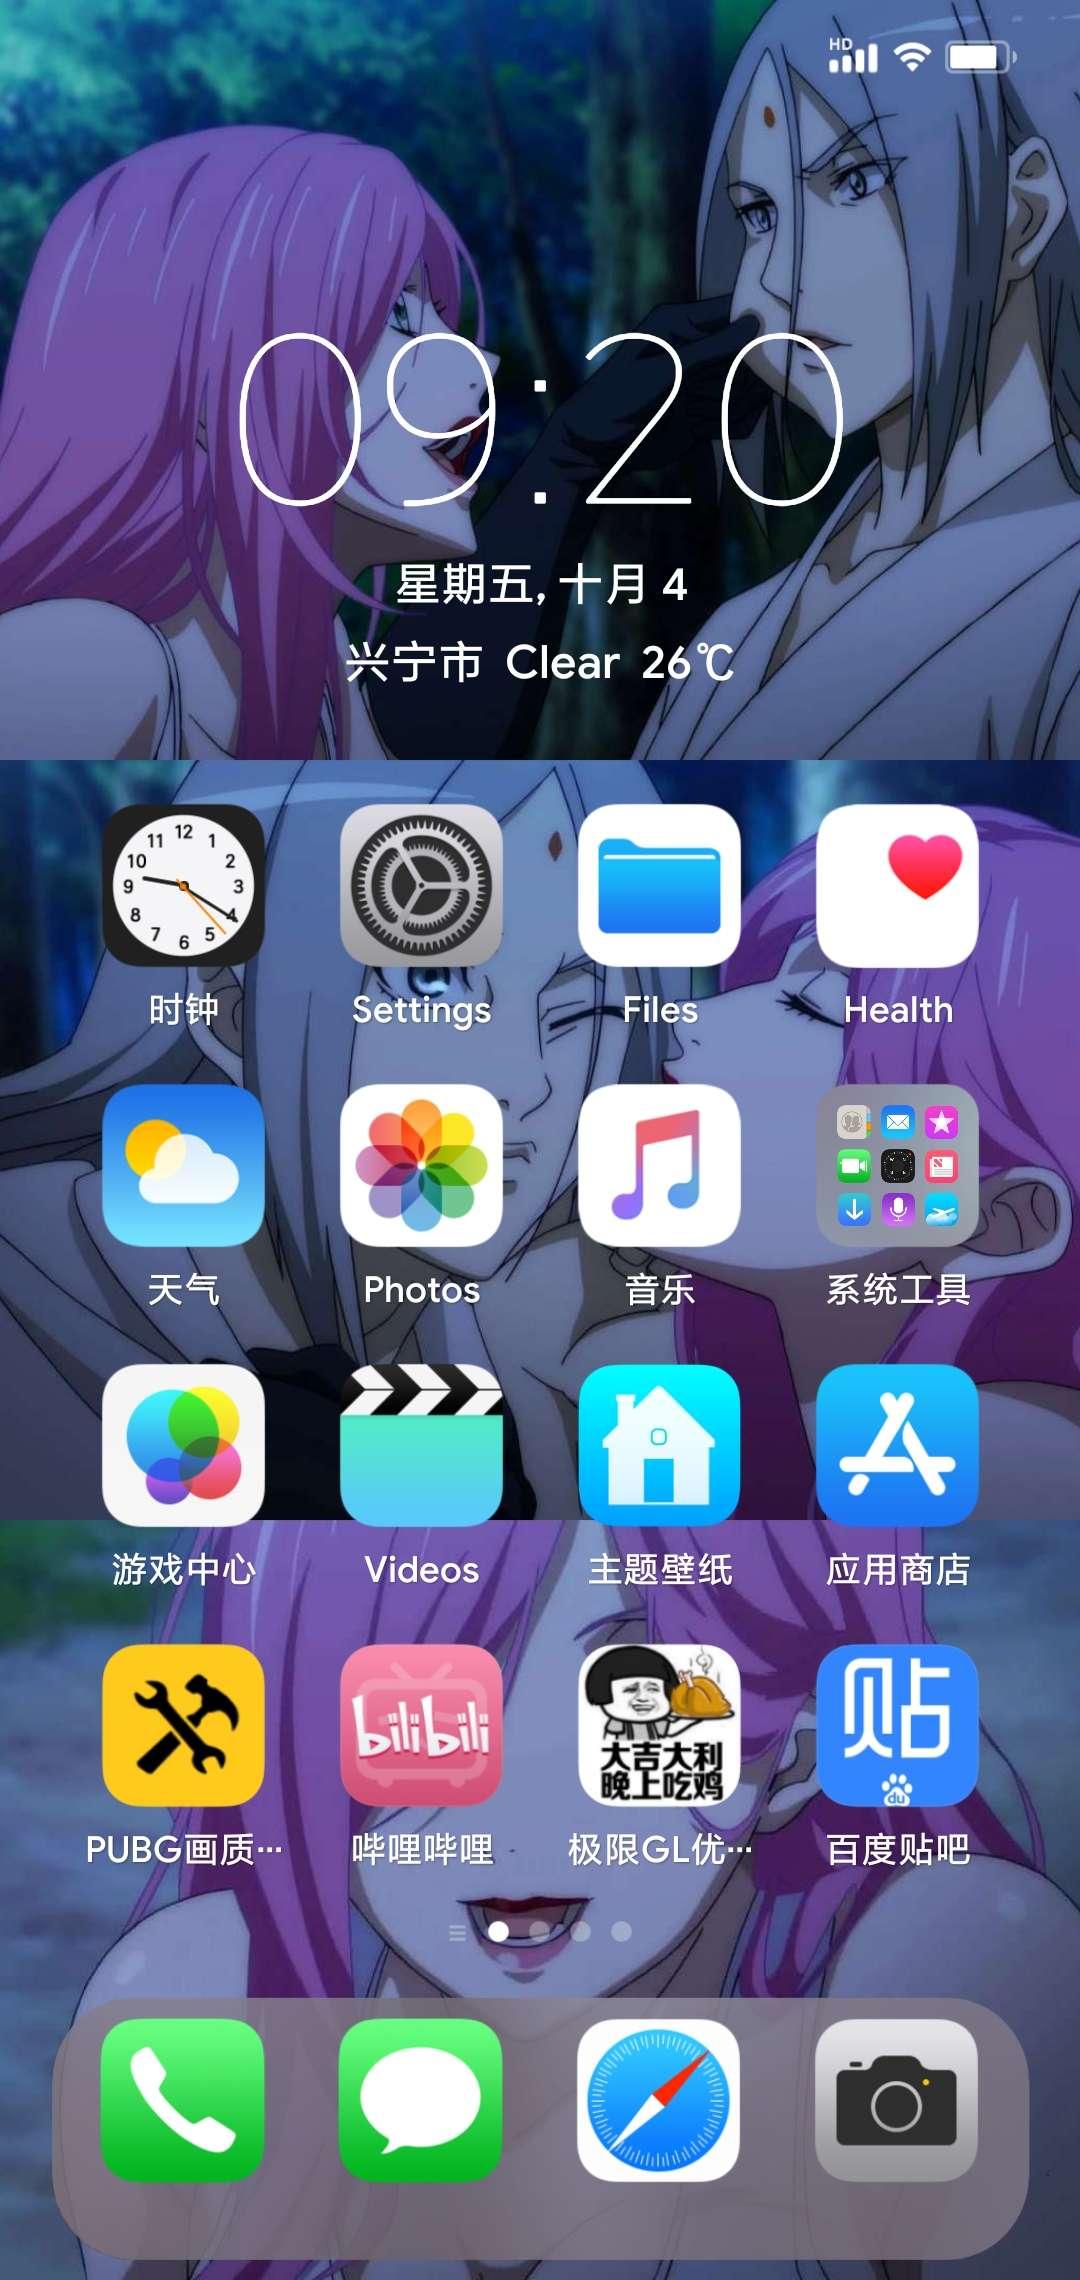 【手机美化】挑战全网最高仿iOS-www.im86.com